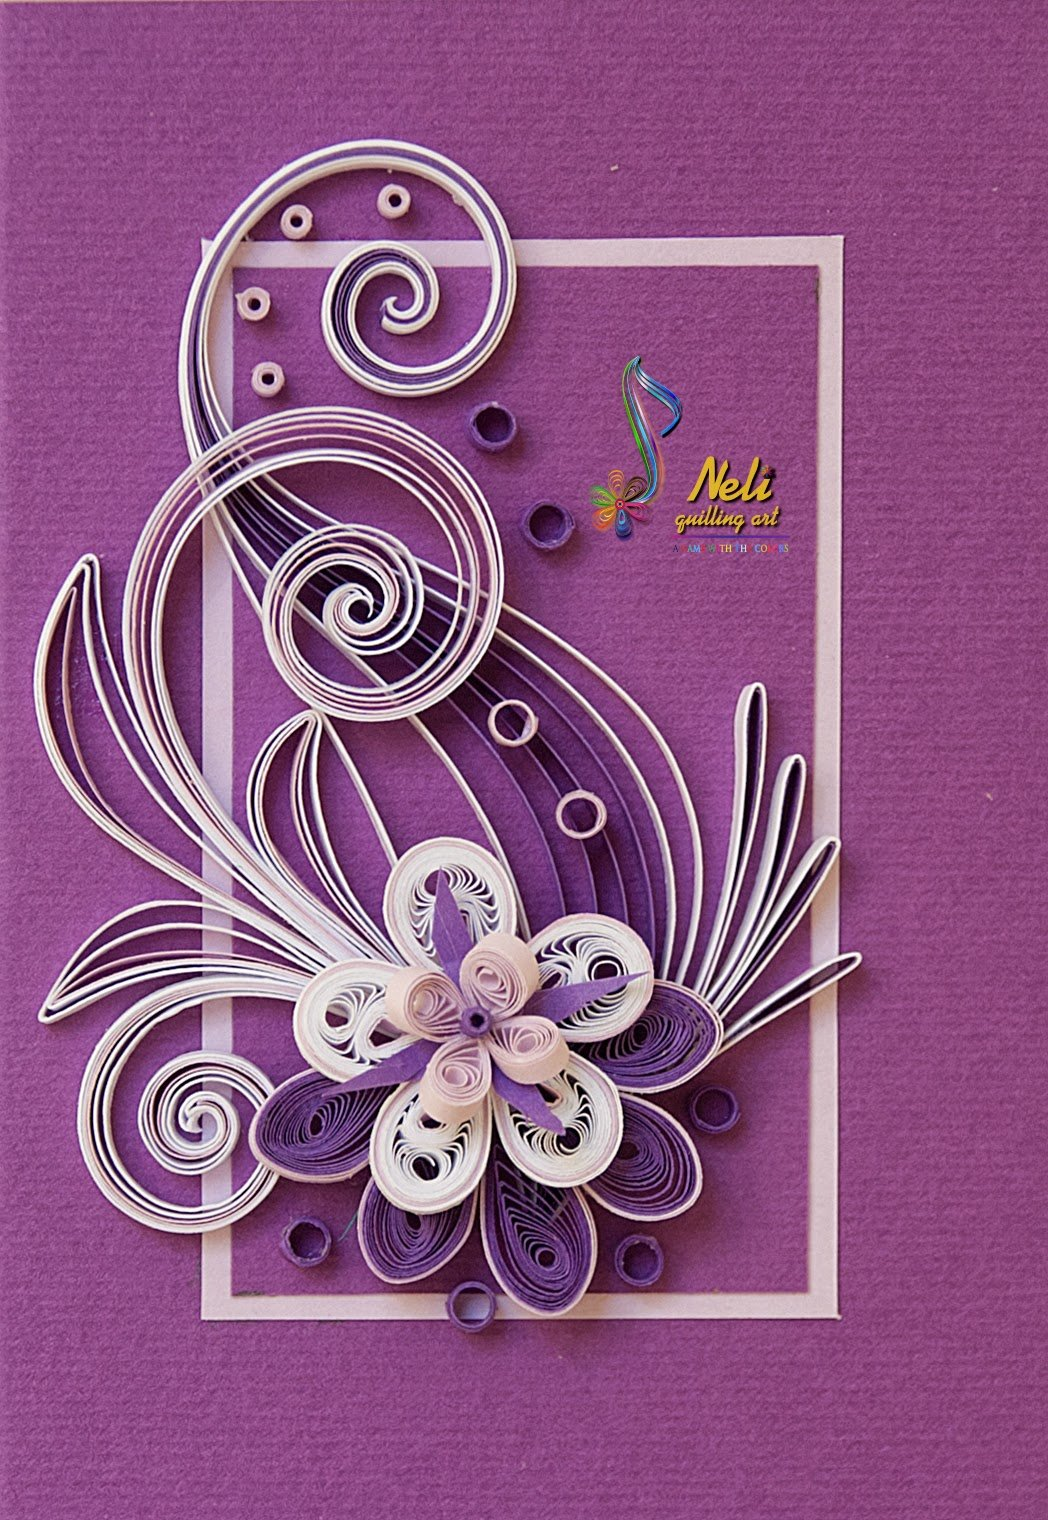 Открытка своими руками цветы квиллинг, картинки нарисованные